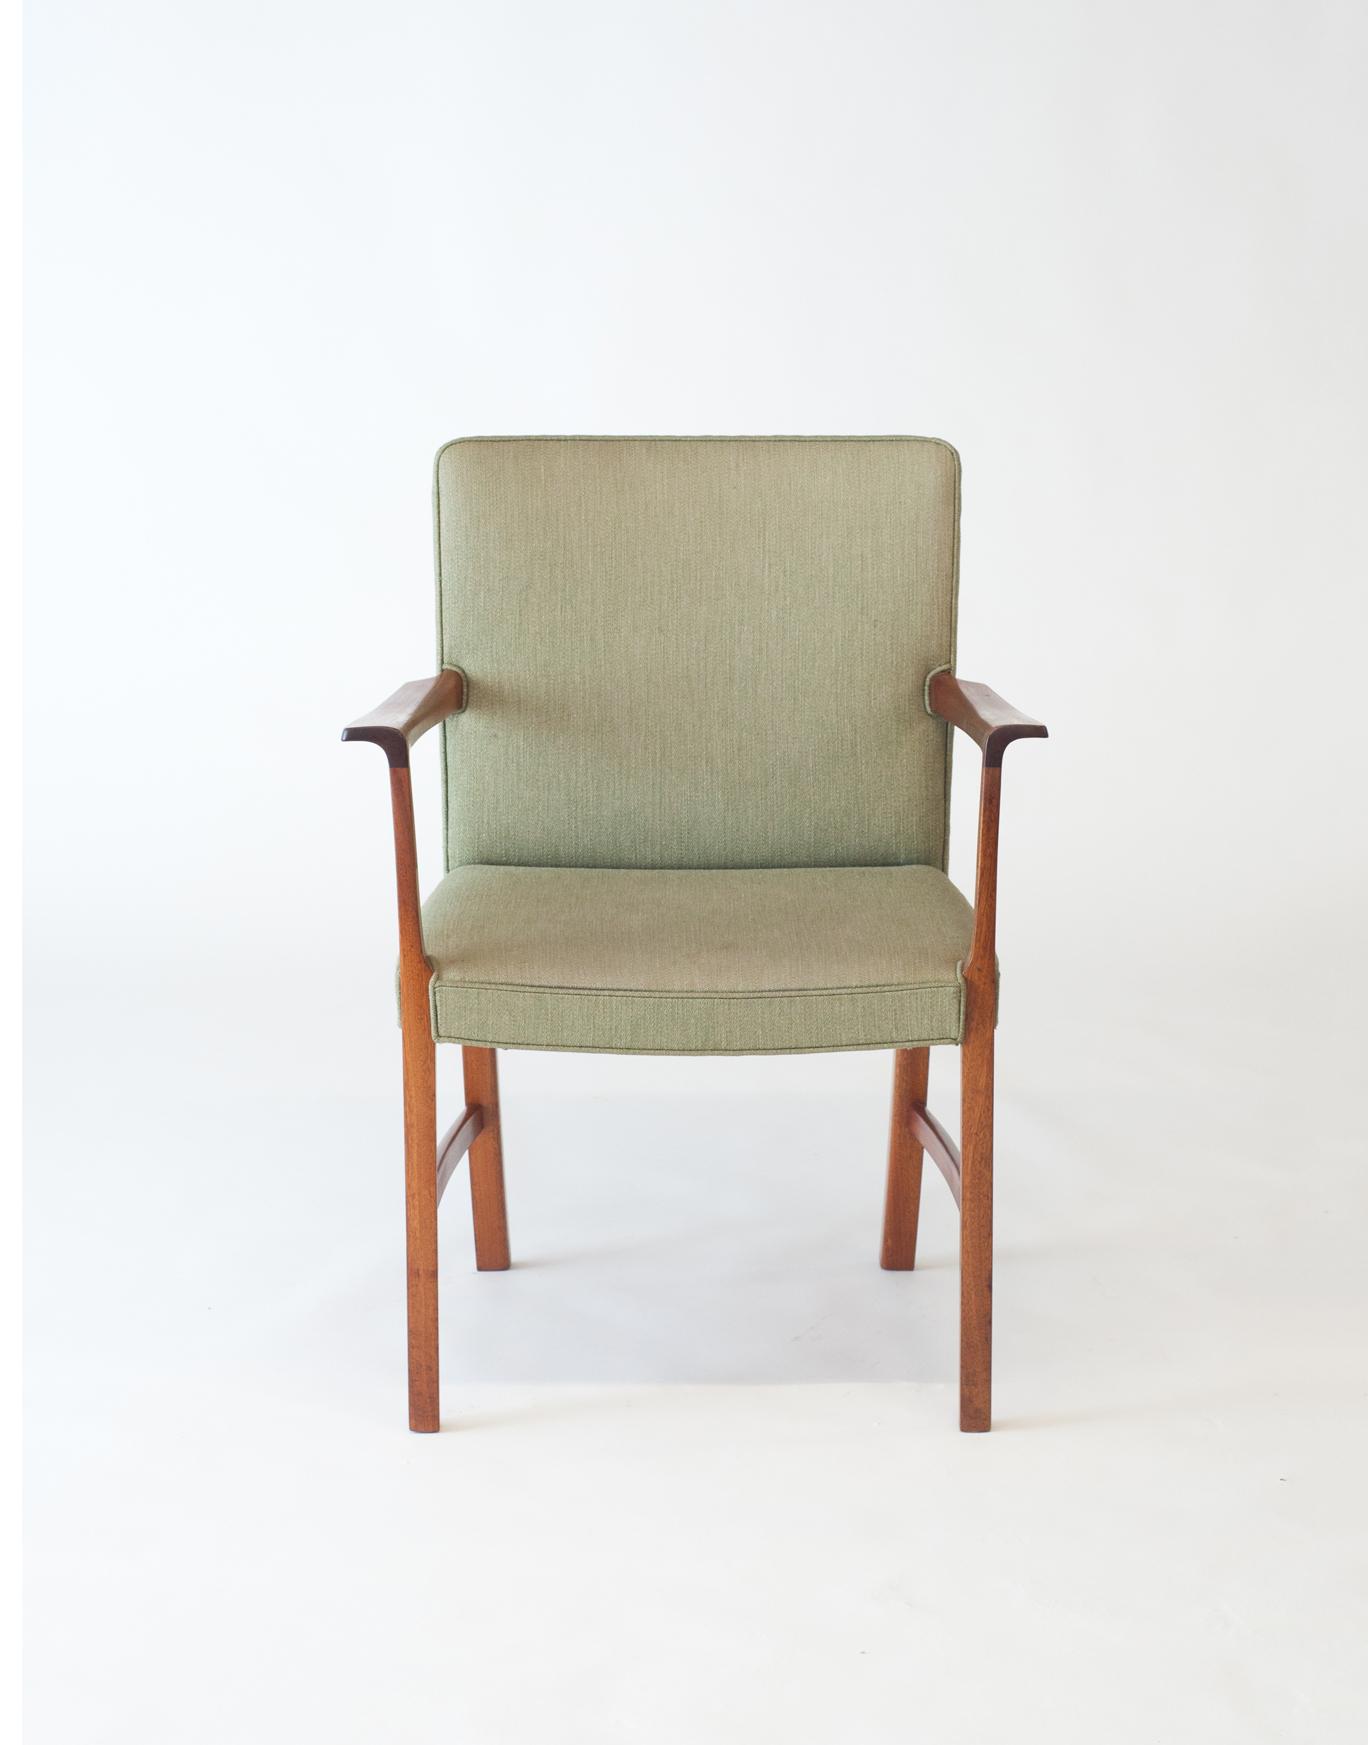 AJ Iversen Mahogany Arm Chair